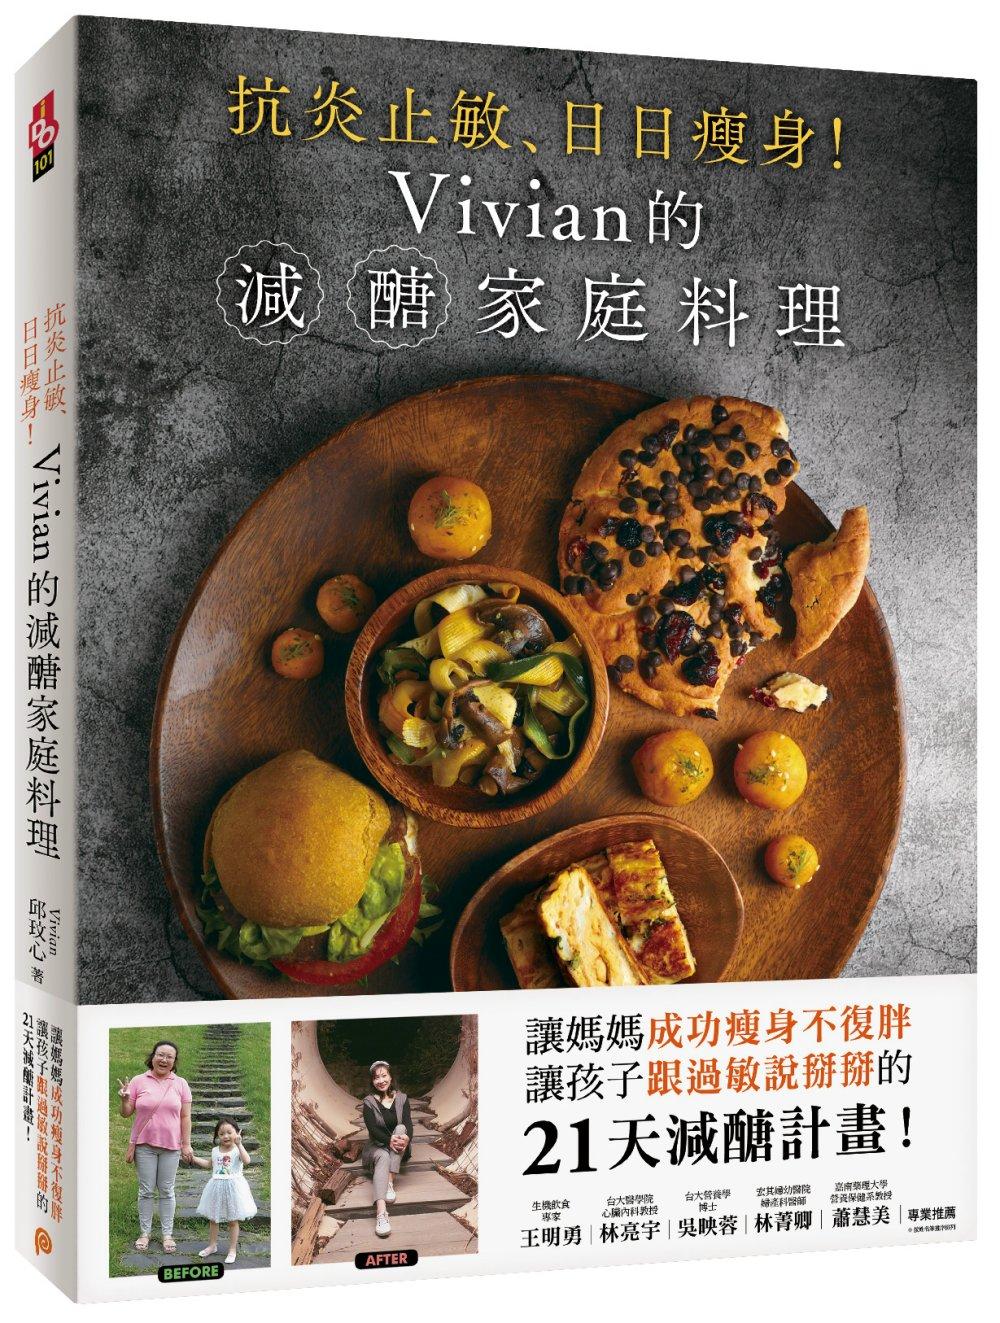 抗炎止敏、日日瘦身!Vivian的減醣家庭料理:讓媽媽成功瘦身不復胖、讓孩子跟過敏説掰掰的21天減醣計畫